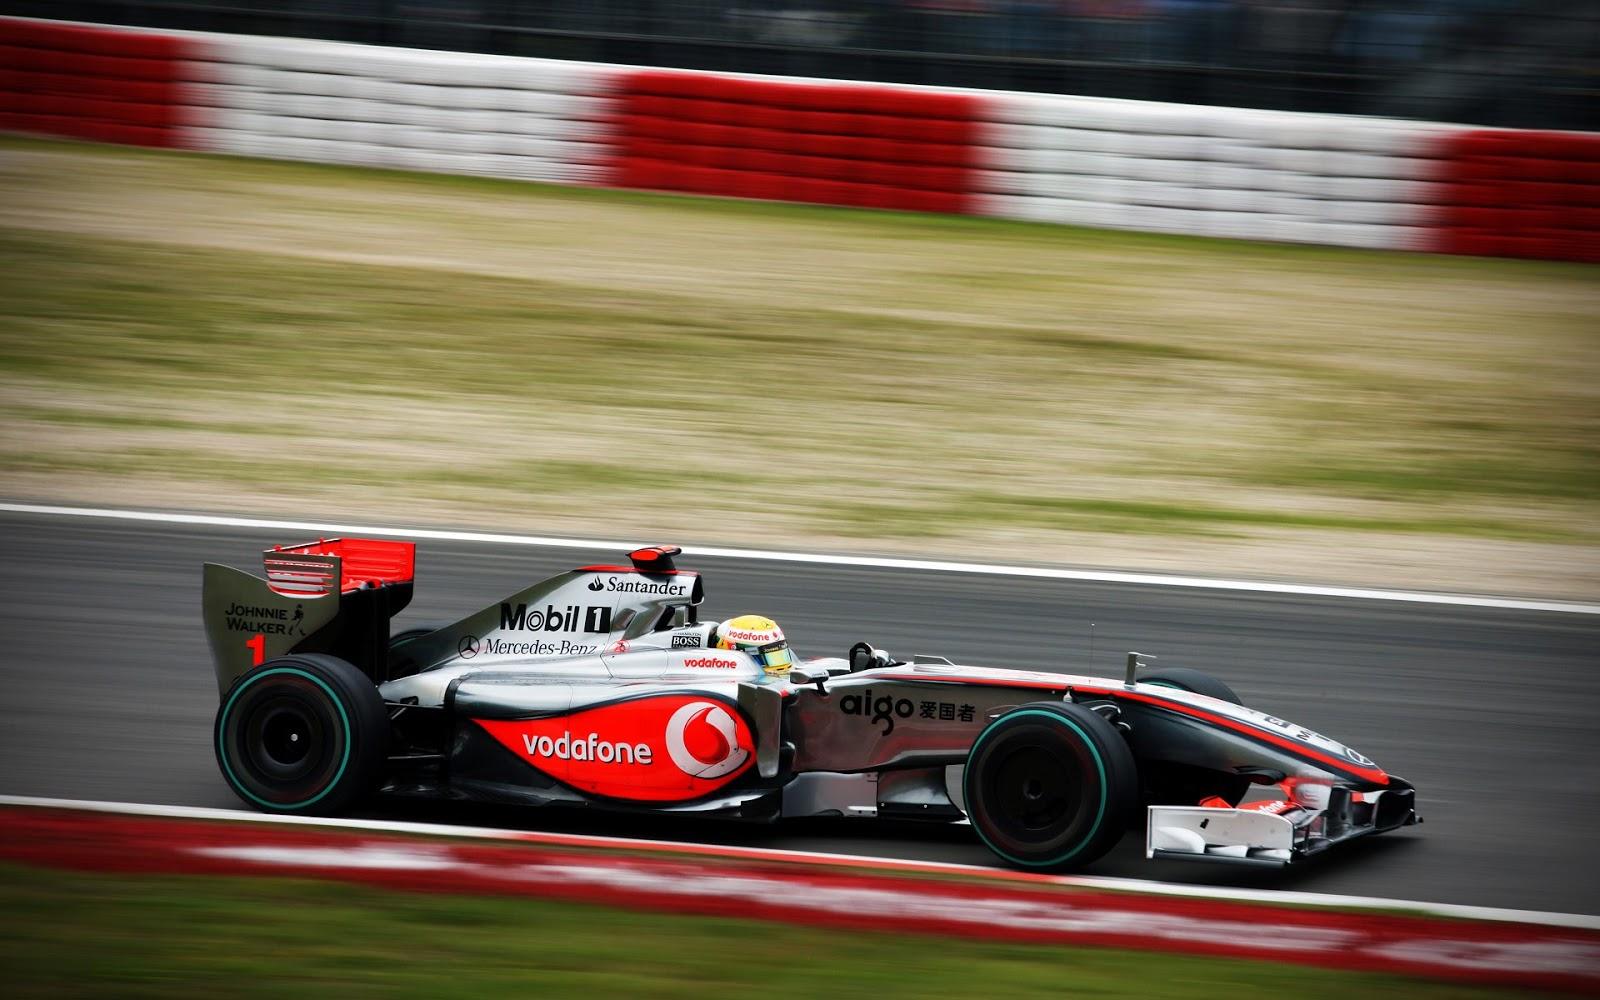 http://4.bp.blogspot.com/-8zNeSvS_Yk8/UKFGR3MJyFI/AAAAAAAAC5s/kfBtQn5buUo/s1600/2012-11-12-Formula-One-Wallpapers-07-(carwalls.blogspot.com).jpg